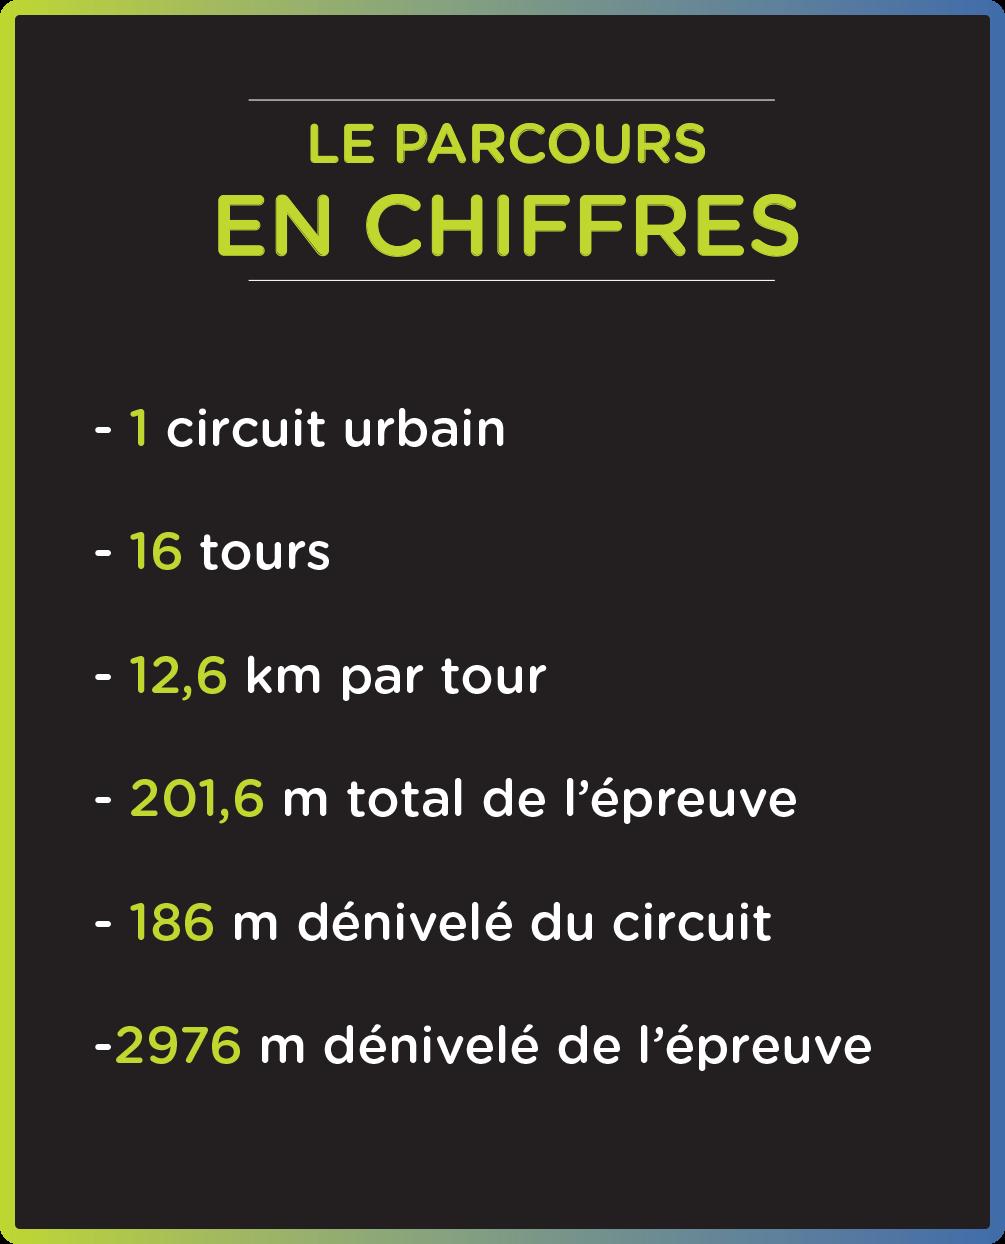 gpc-parcours-en-chiffres-quebec